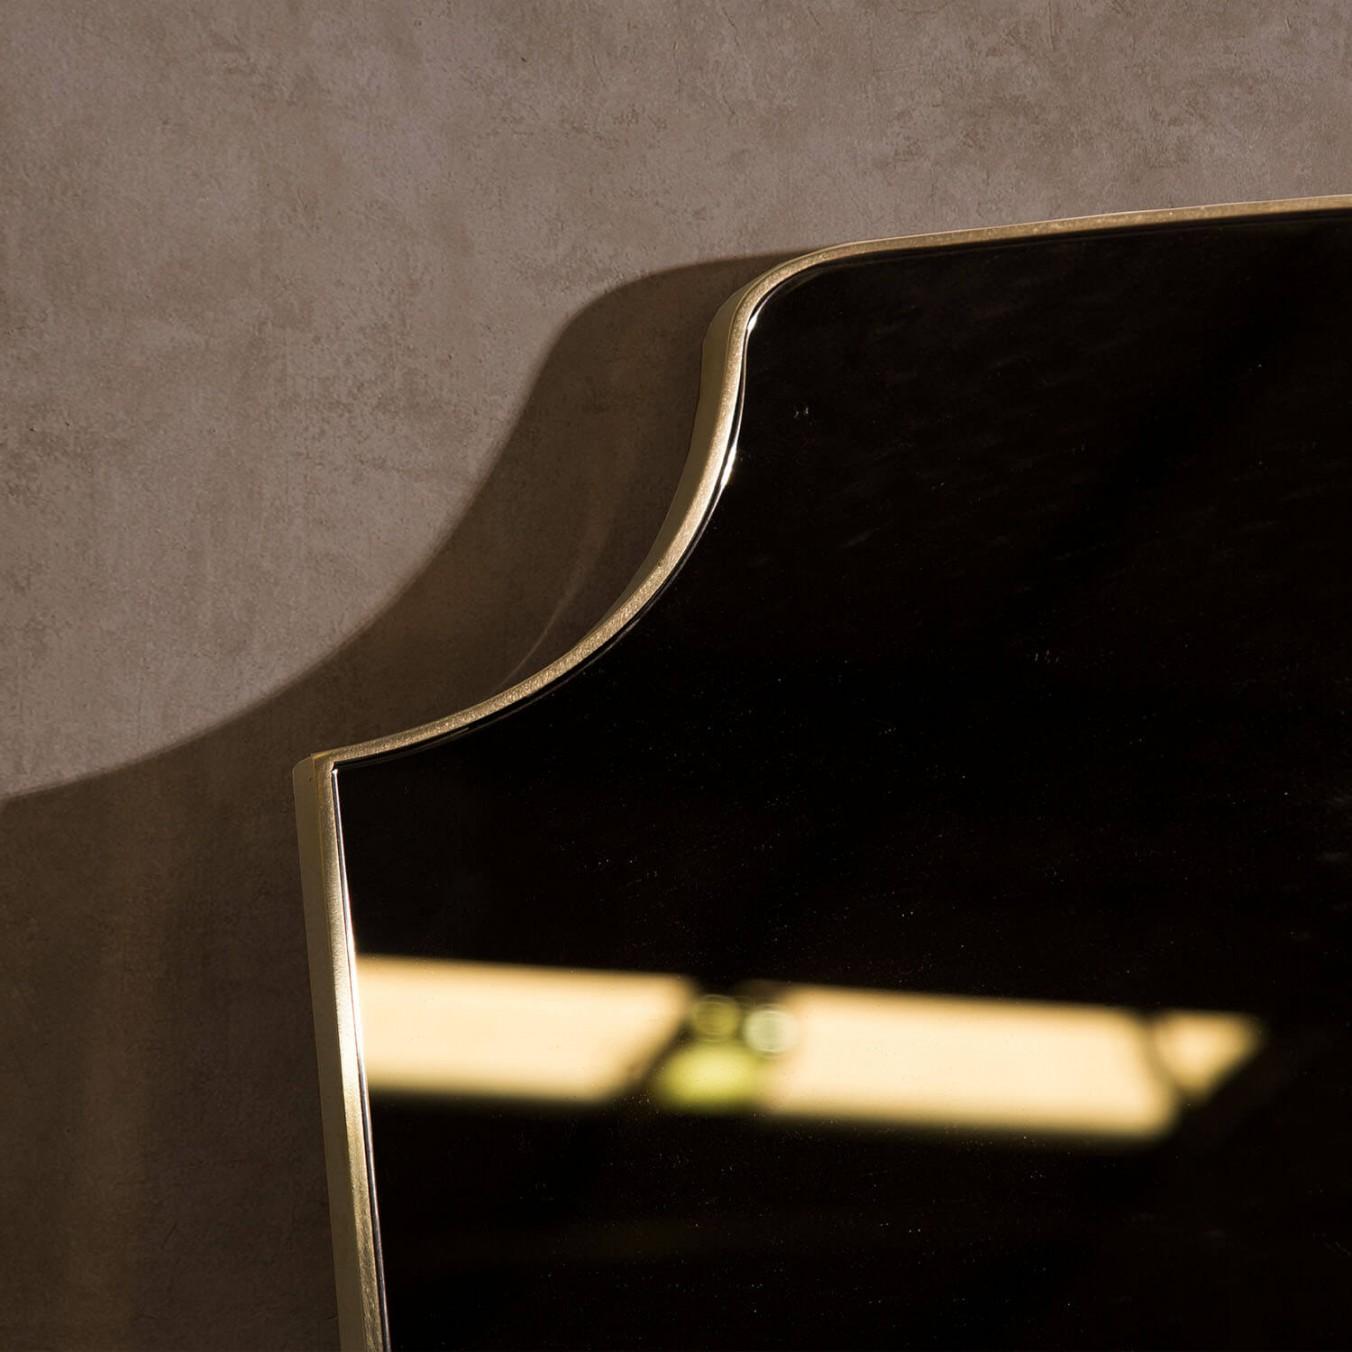 AEGIS Wall Mirror